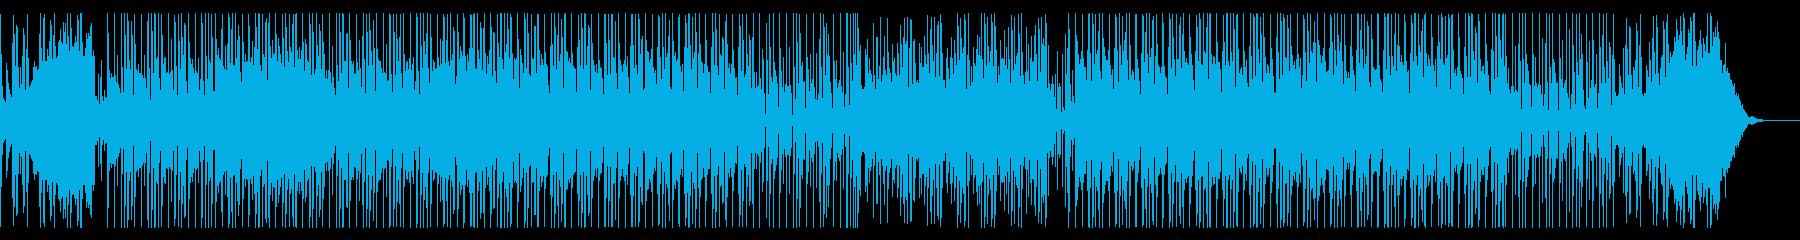 カリンバの音色が可愛らしいポップスの再生済みの波形